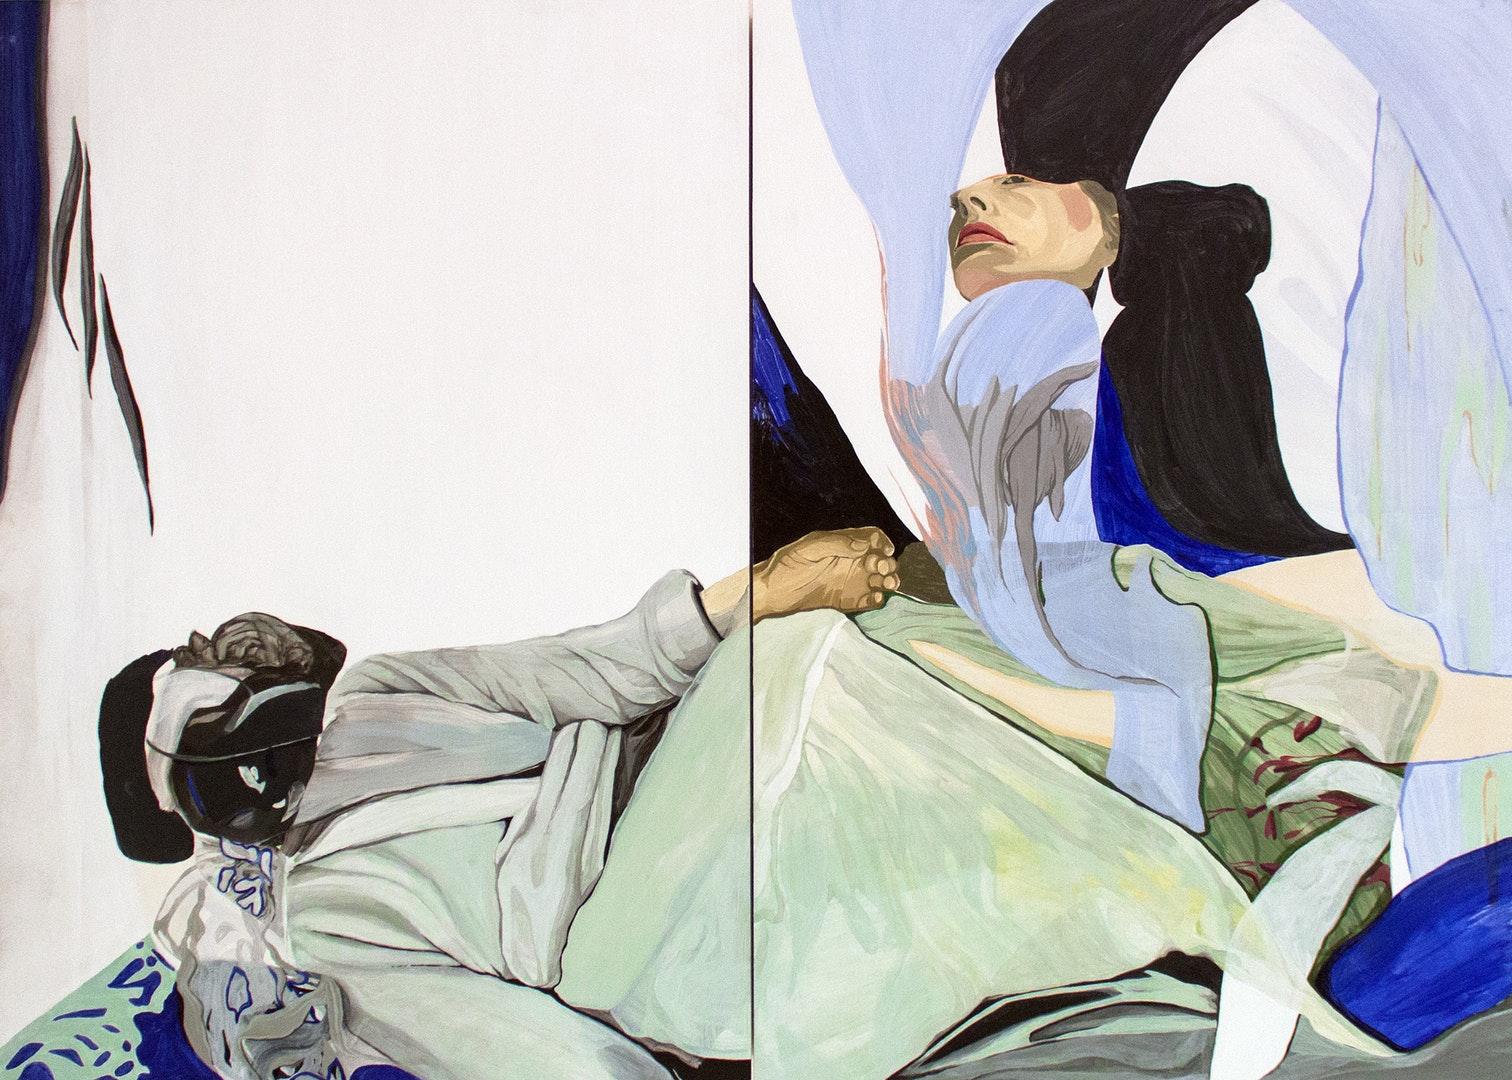 Magdalena Gluszak - Holeksa  Between Man and Man  Oil on canvas, 61 x 85 x 4.4 cm  http://www.magdalenagluszak.com